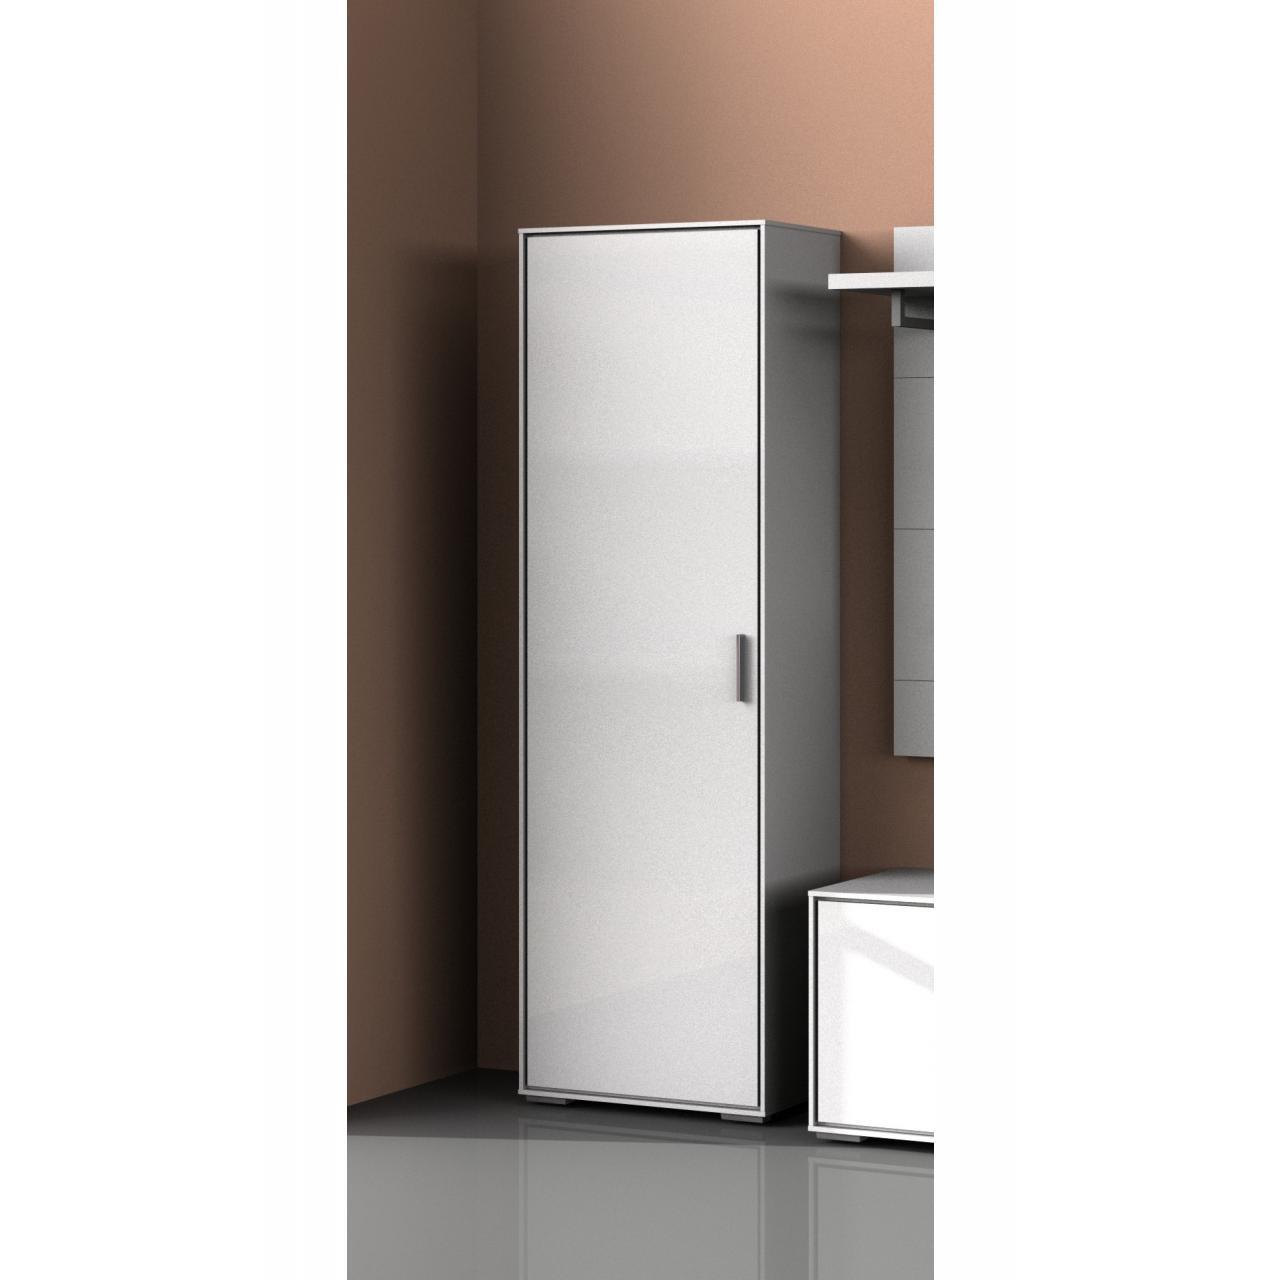 Garderobenschrank Villino Flurschrank Dielenschrank Weiß Hochglanz 61x187x33